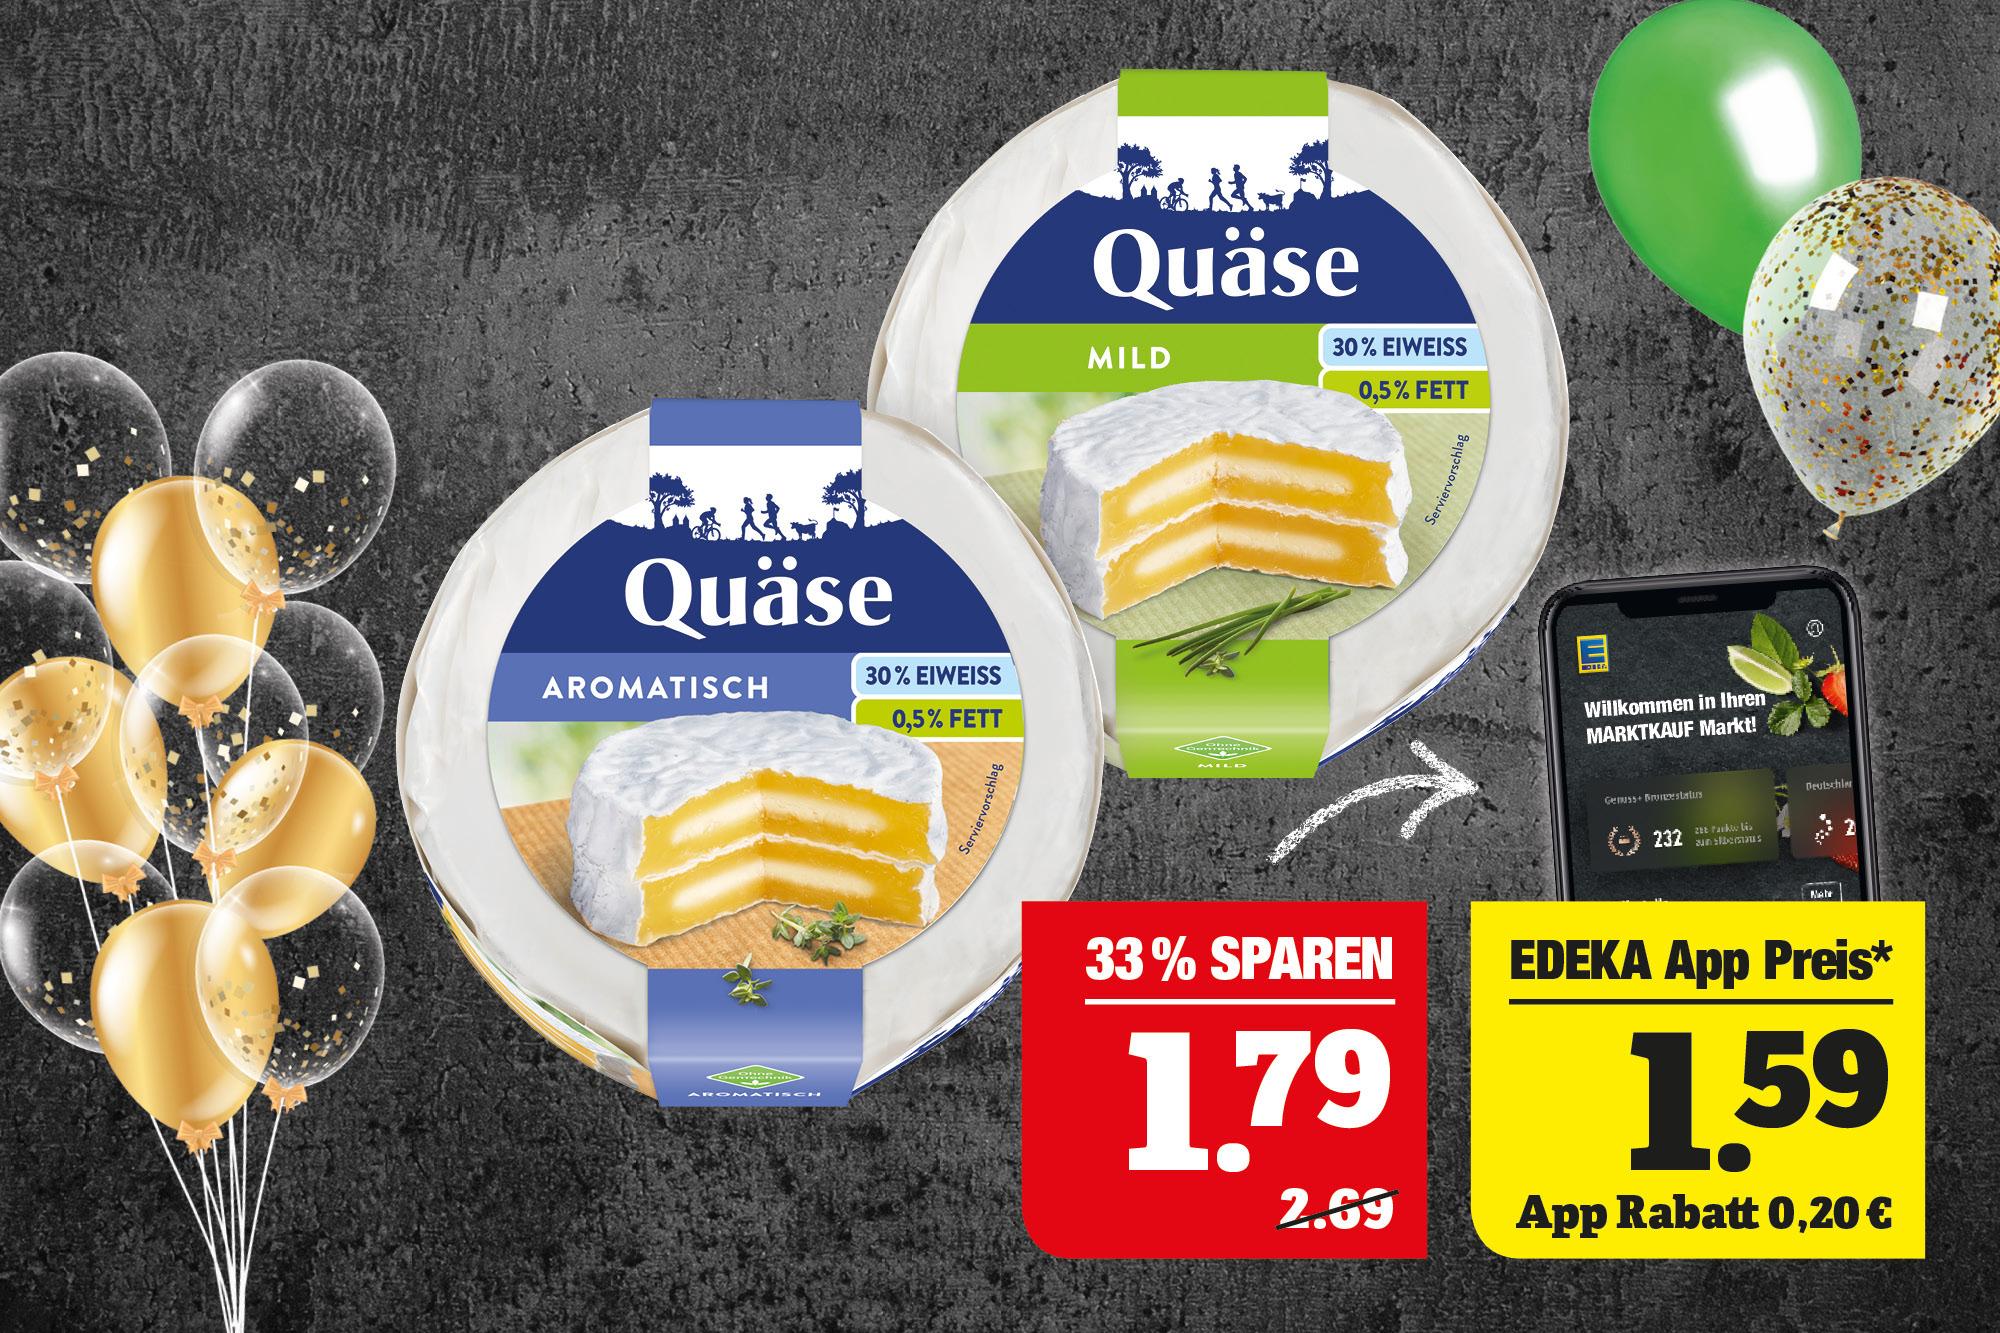 Loose Quäse - Leckerer Käse aus Quark; verschiedene Sorten; 220g Packung; 100g=0,81.